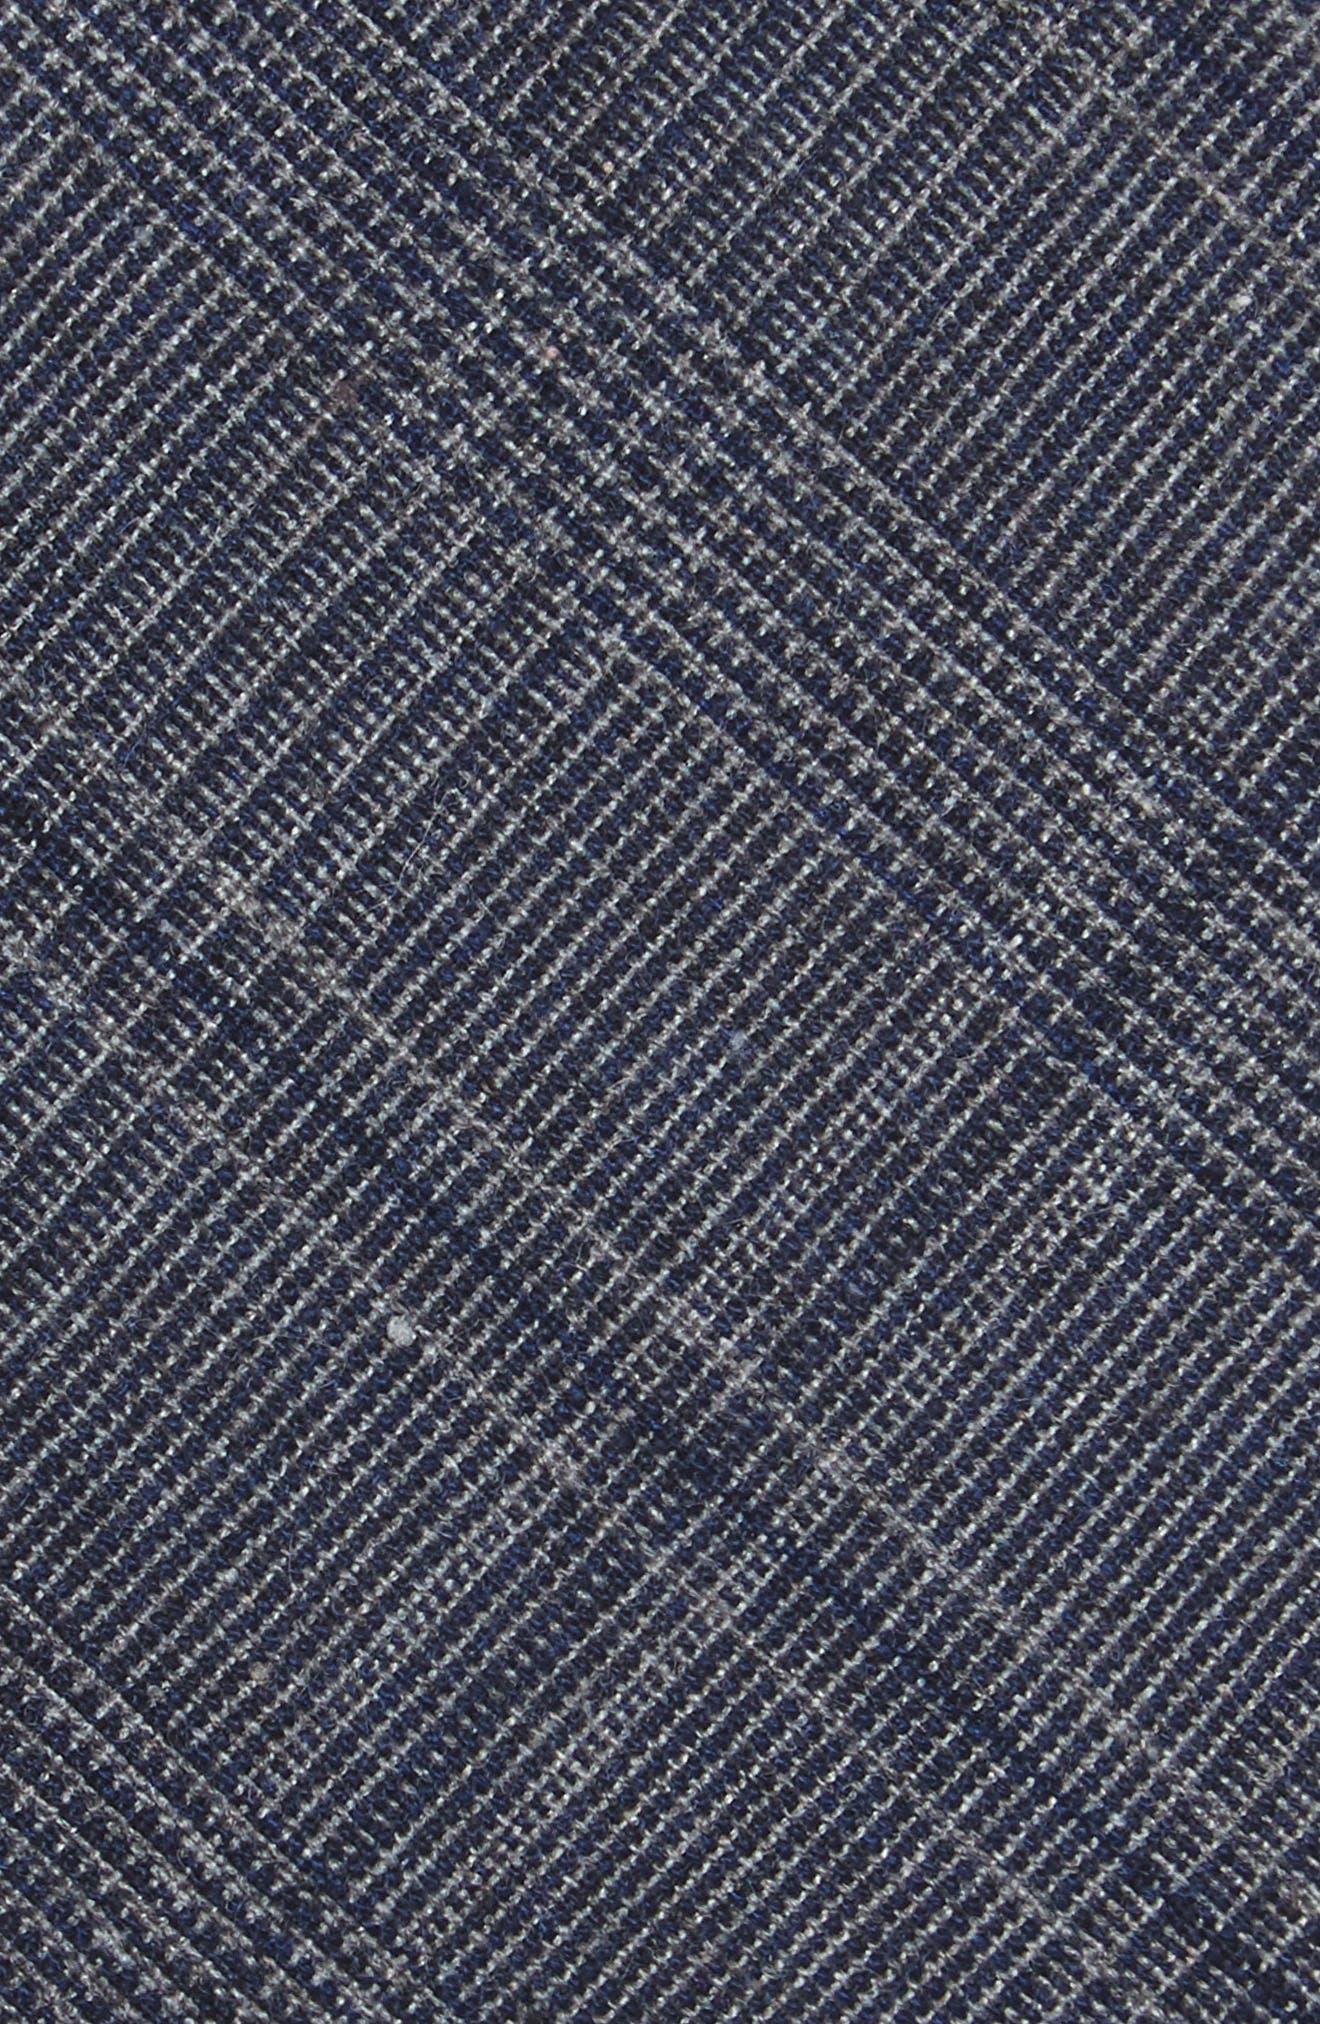 Cobble Plaid Cotton & Linen Tie,                             Alternate thumbnail 2, color,                             412